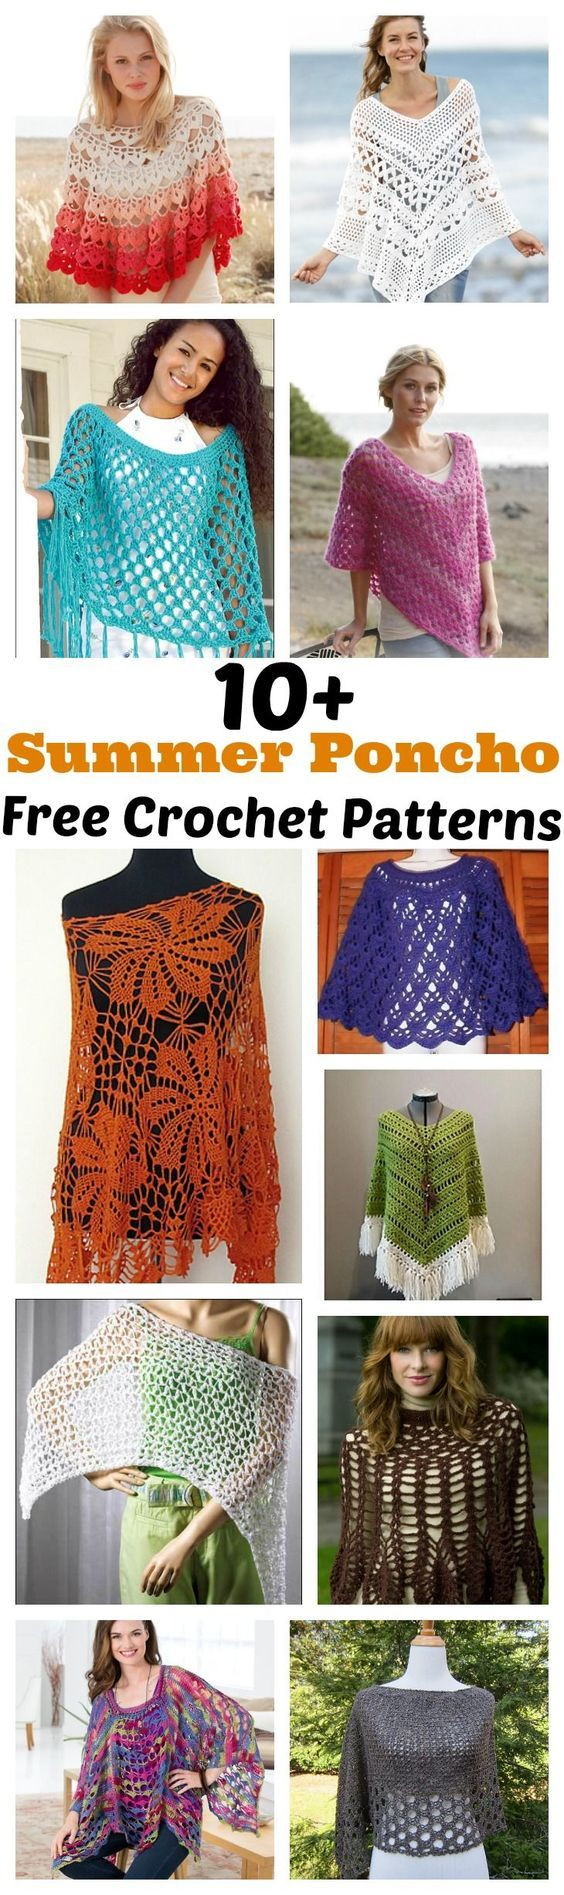 148 besten poncho Bilder auf Pinterest   Strick, Kleidung häkeln und ...